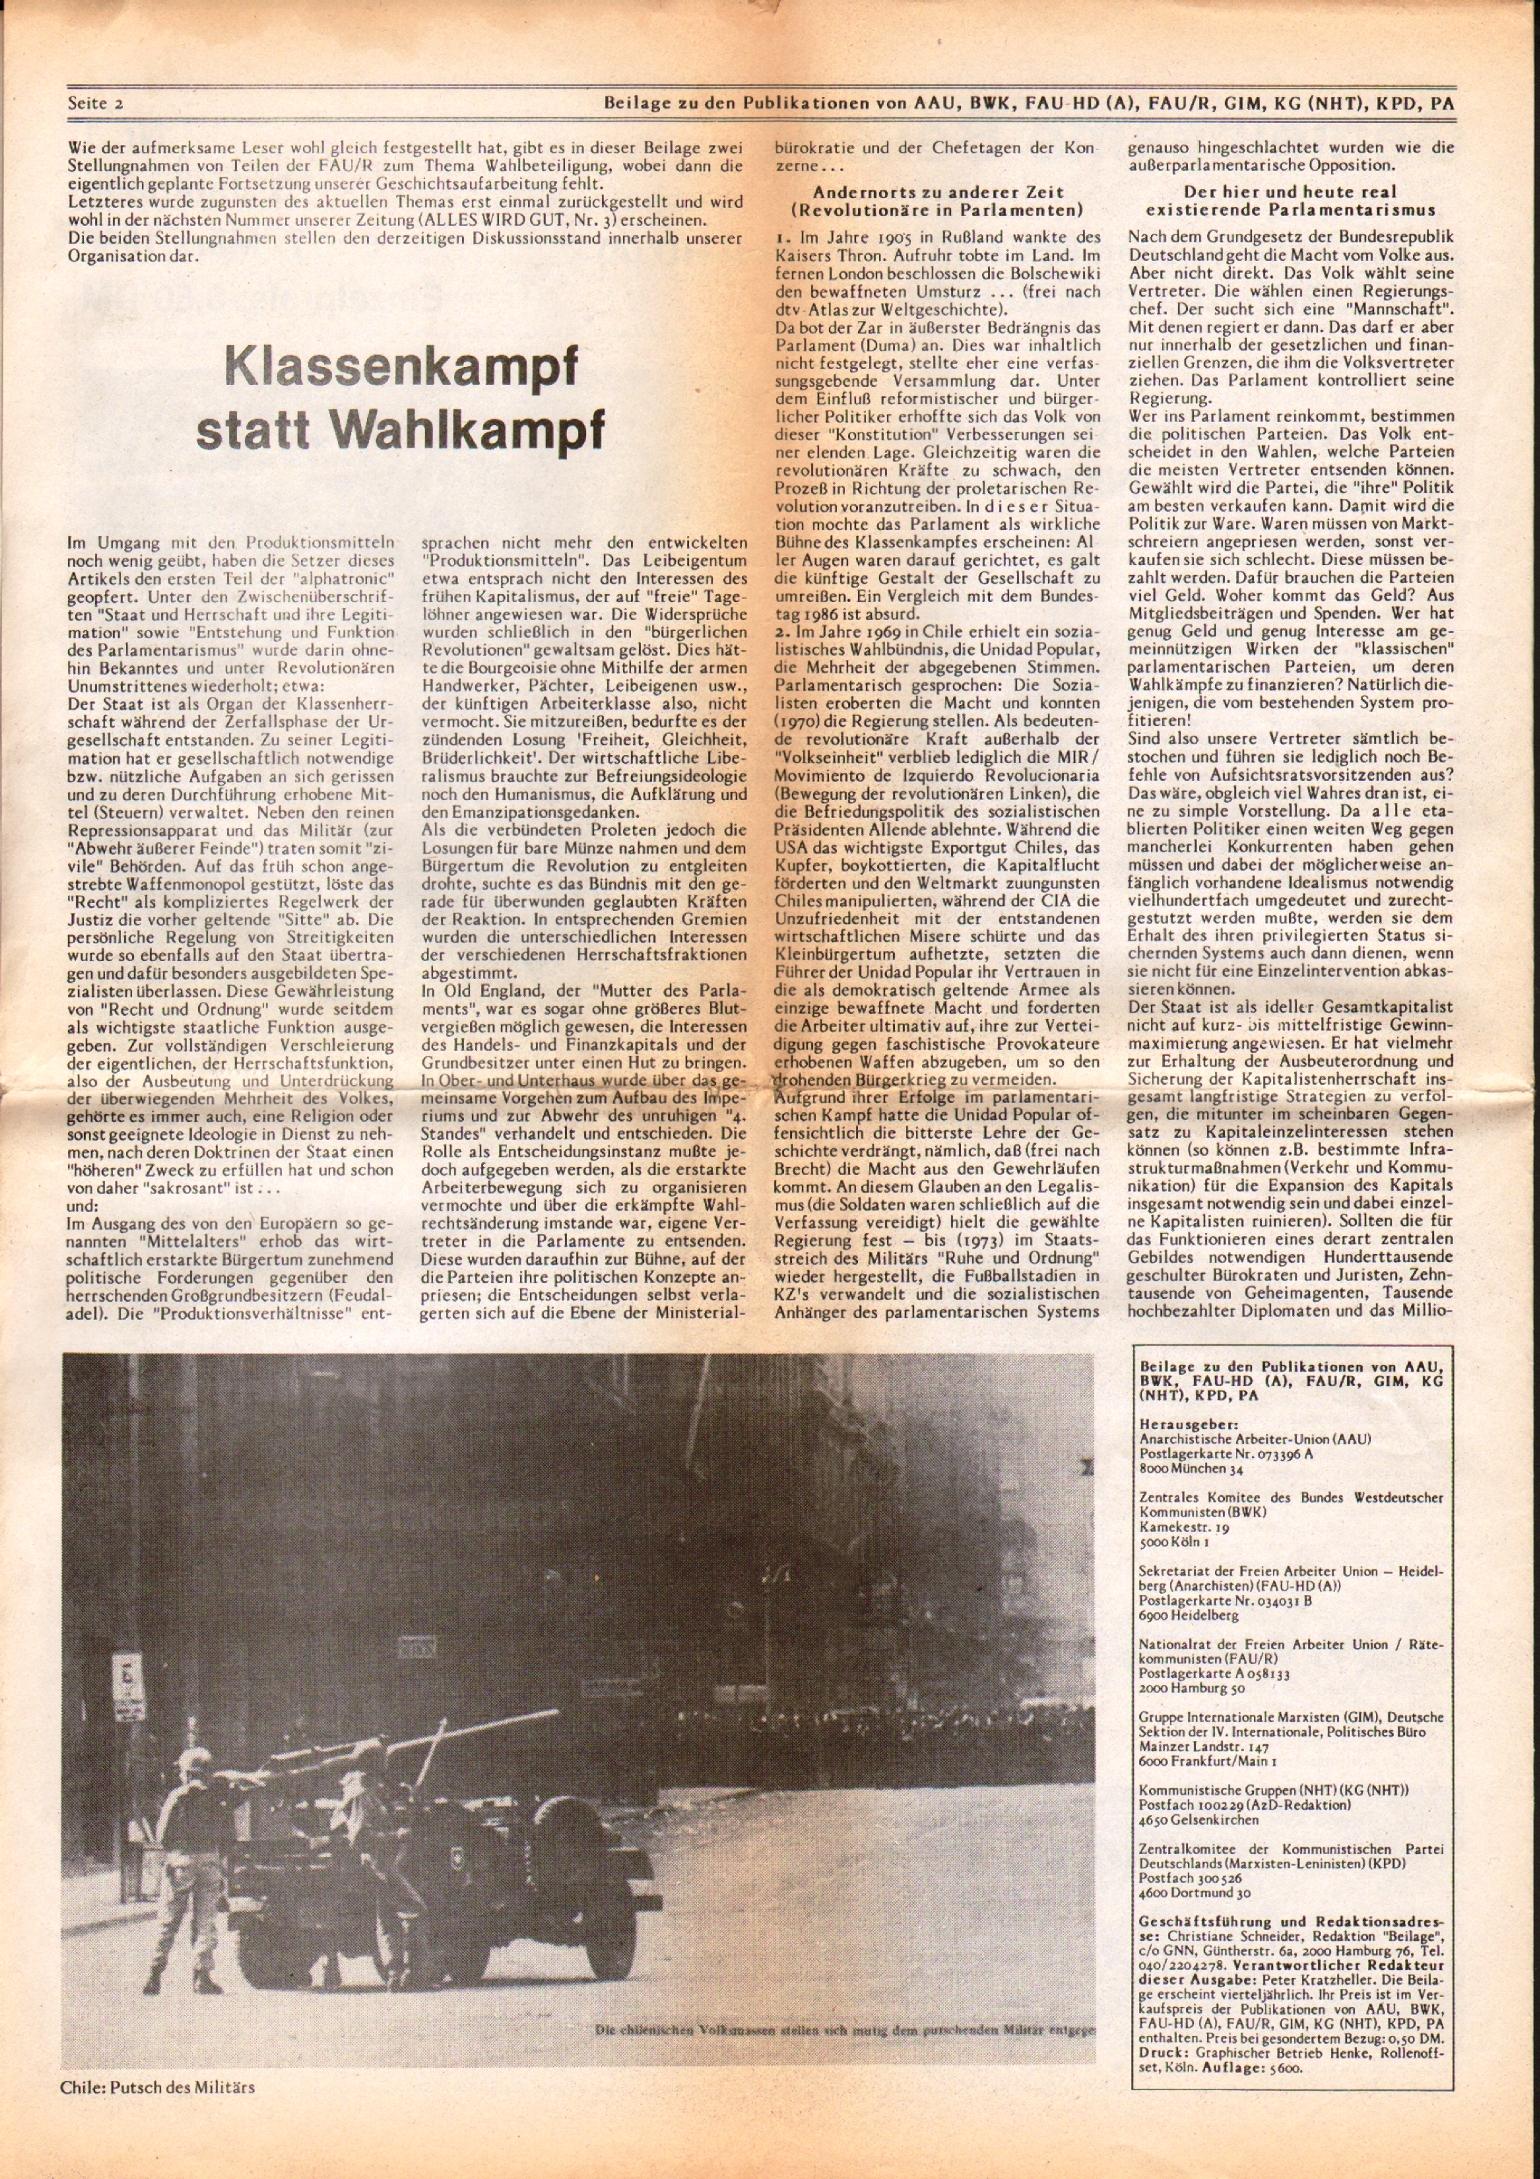 Gemeinsame_Beilage_1986_01_02